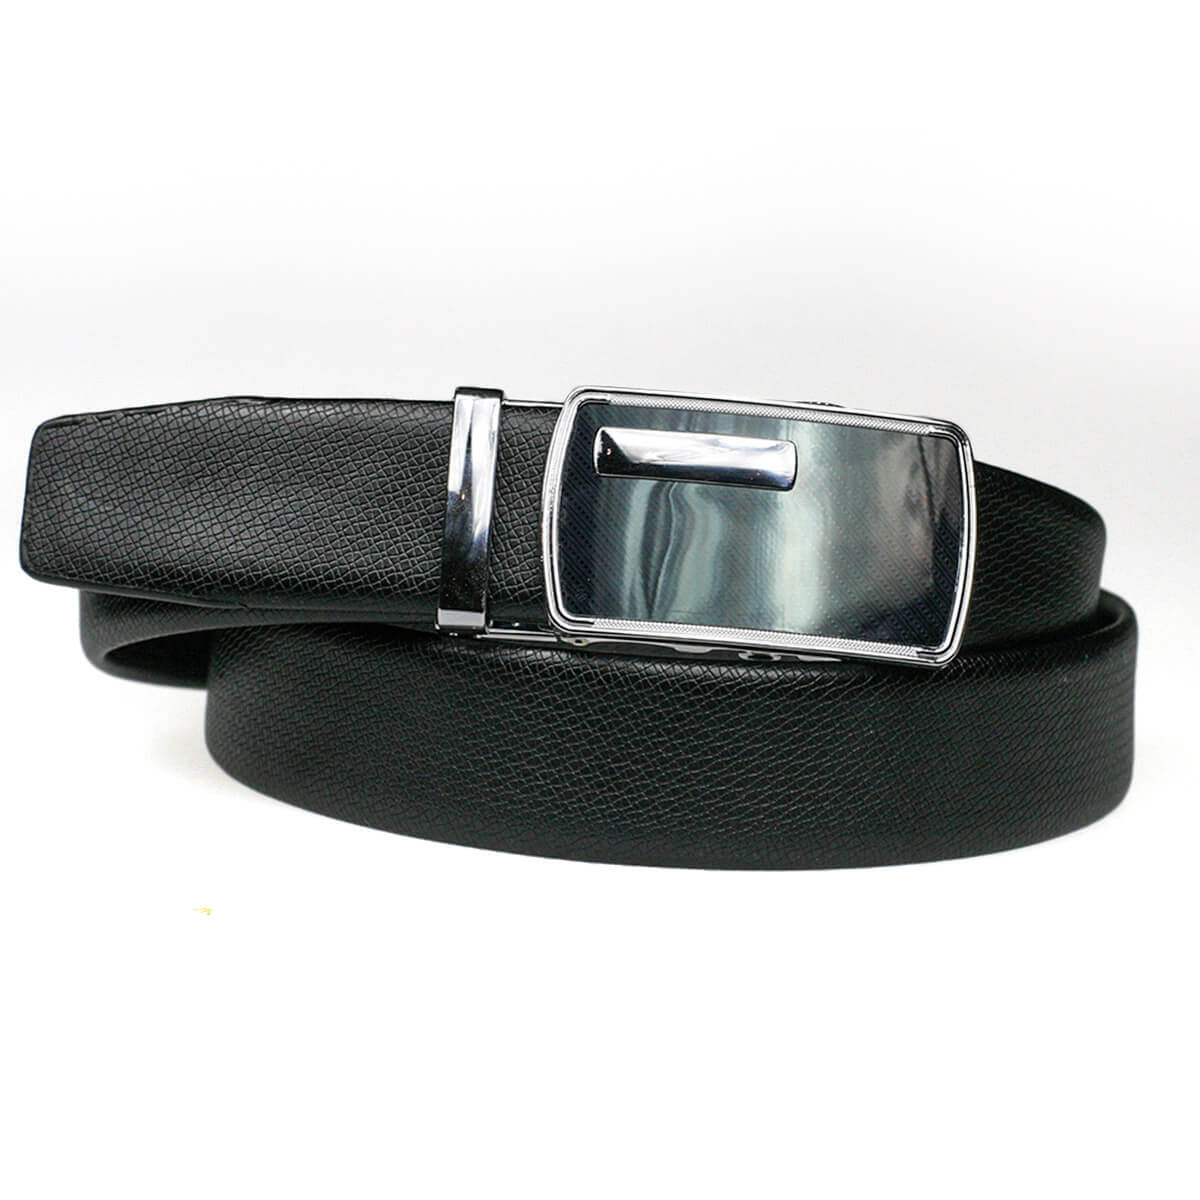 Pánsky kožený opasok - čierny vzor 9, dĺžka 115 cm